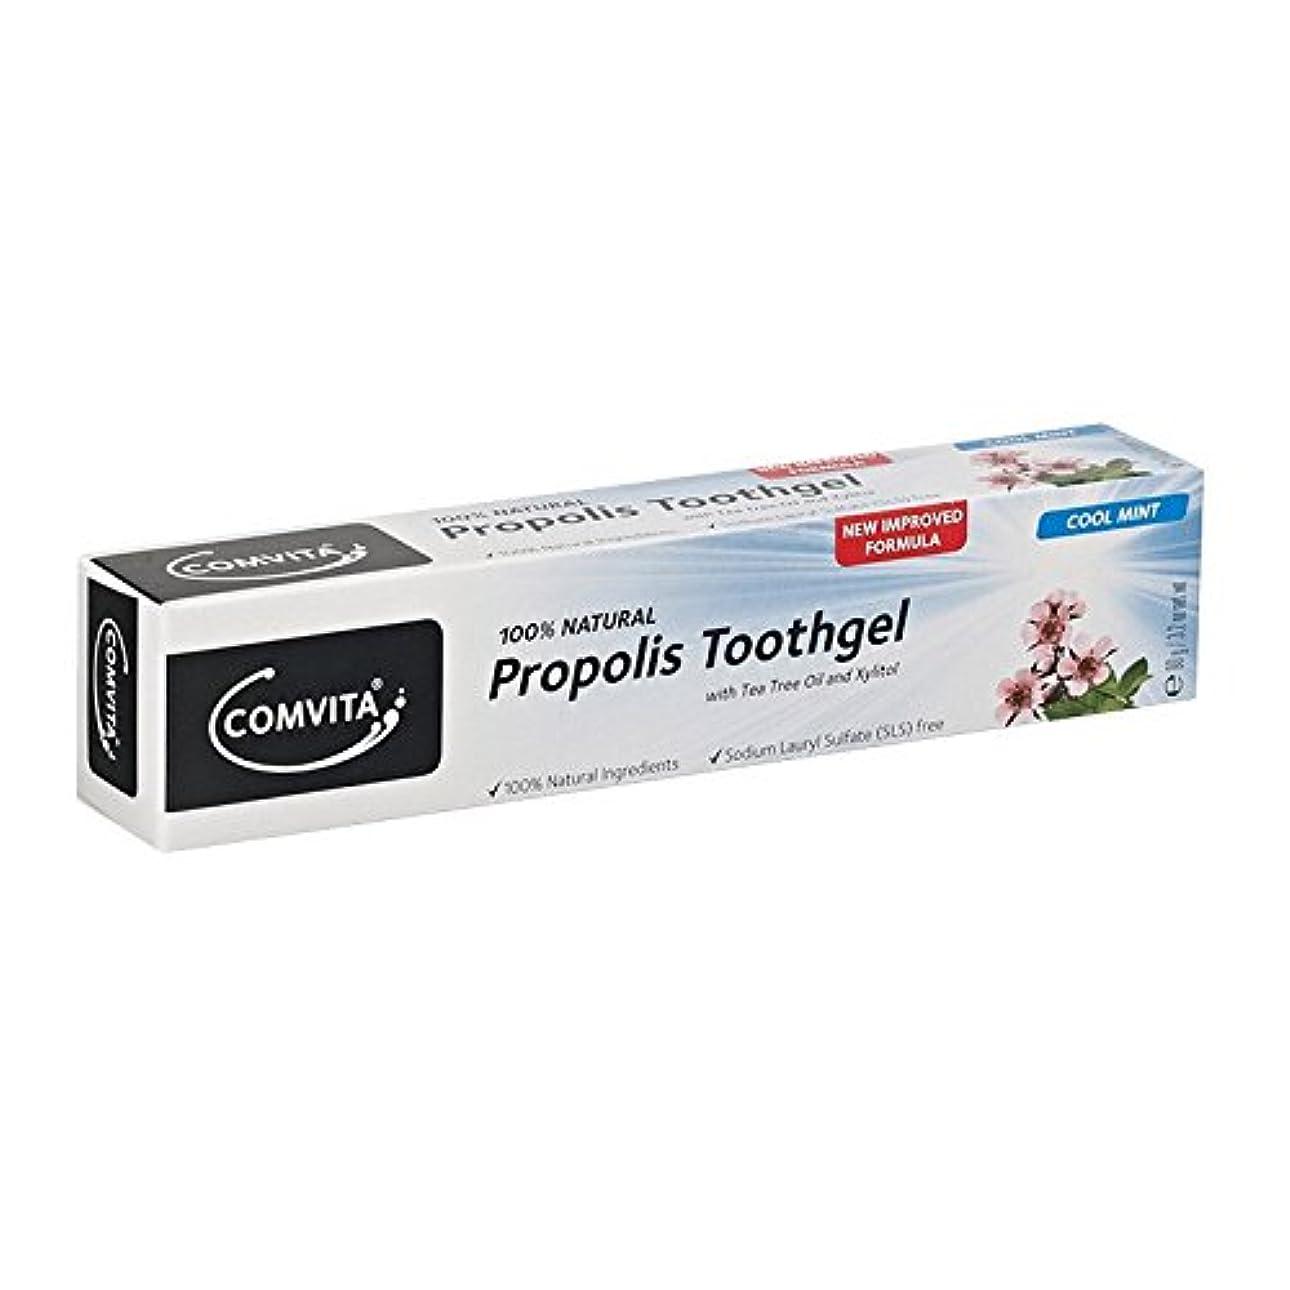 イーウェル使い込む生命体Comvita 100 Natural Propolis Toothgel (Pack of 6) - コンビタ100天然プロポリスToothgel (x6) [並行輸入品]